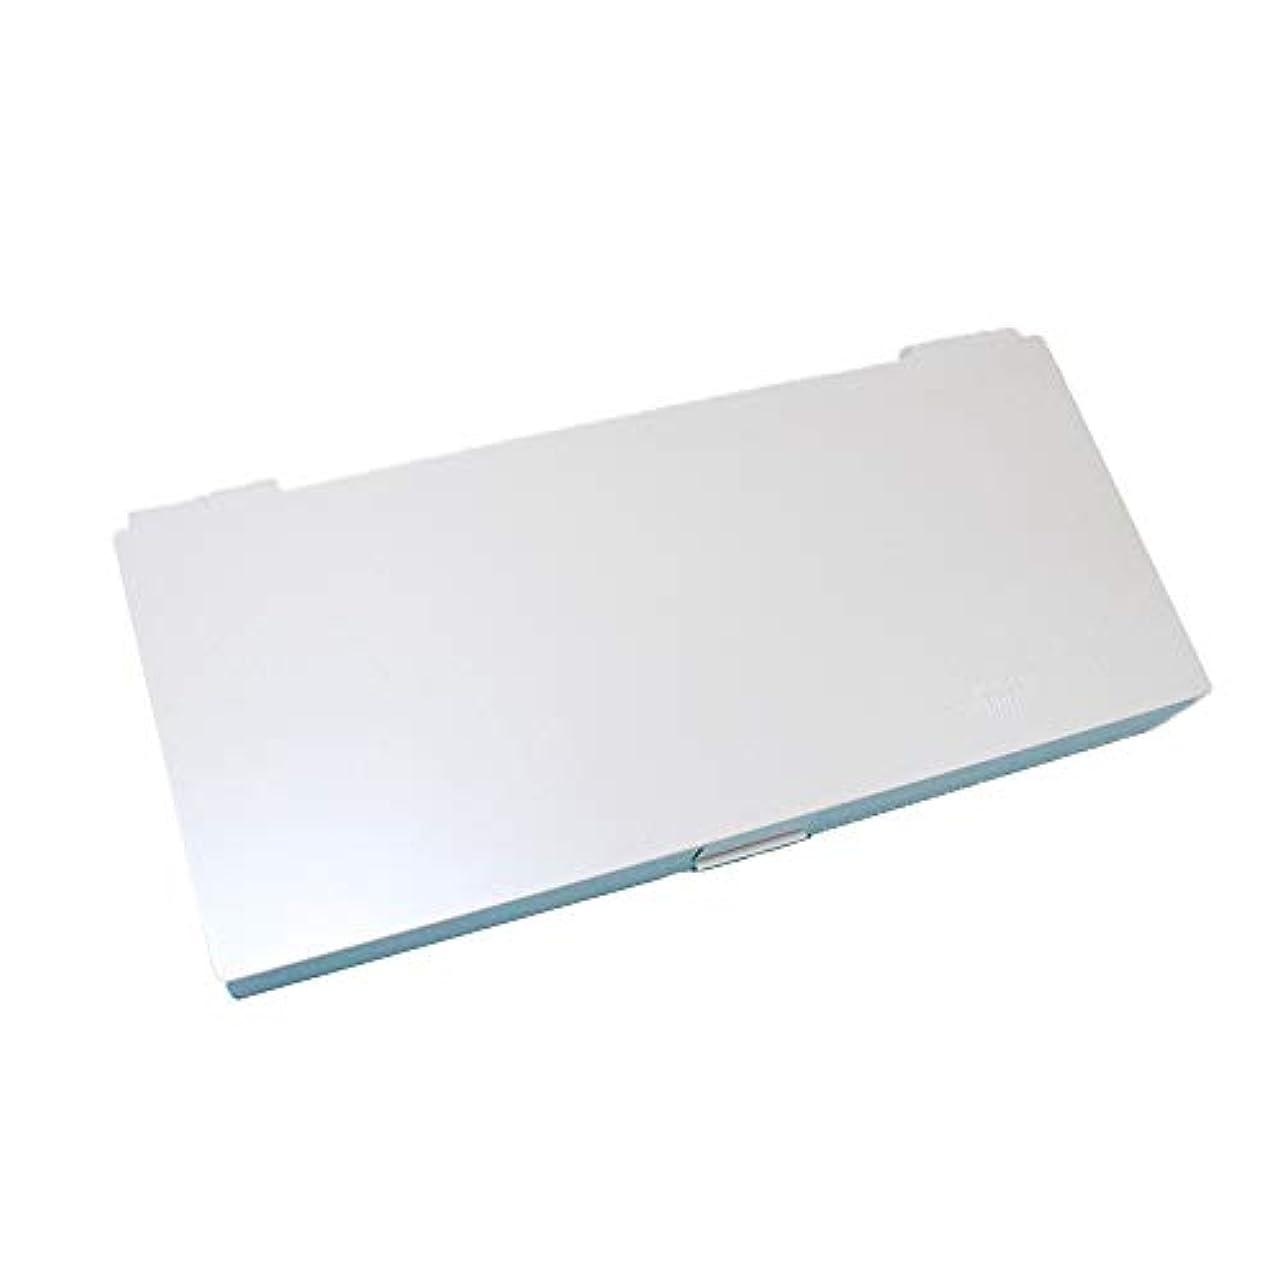 ベスト推定円形のスタイリングシステムボックス (ホワイト) ノンスリップ ヘアピン ケース コスメボックス メイクボックス メークボックス メイクケース メークケース